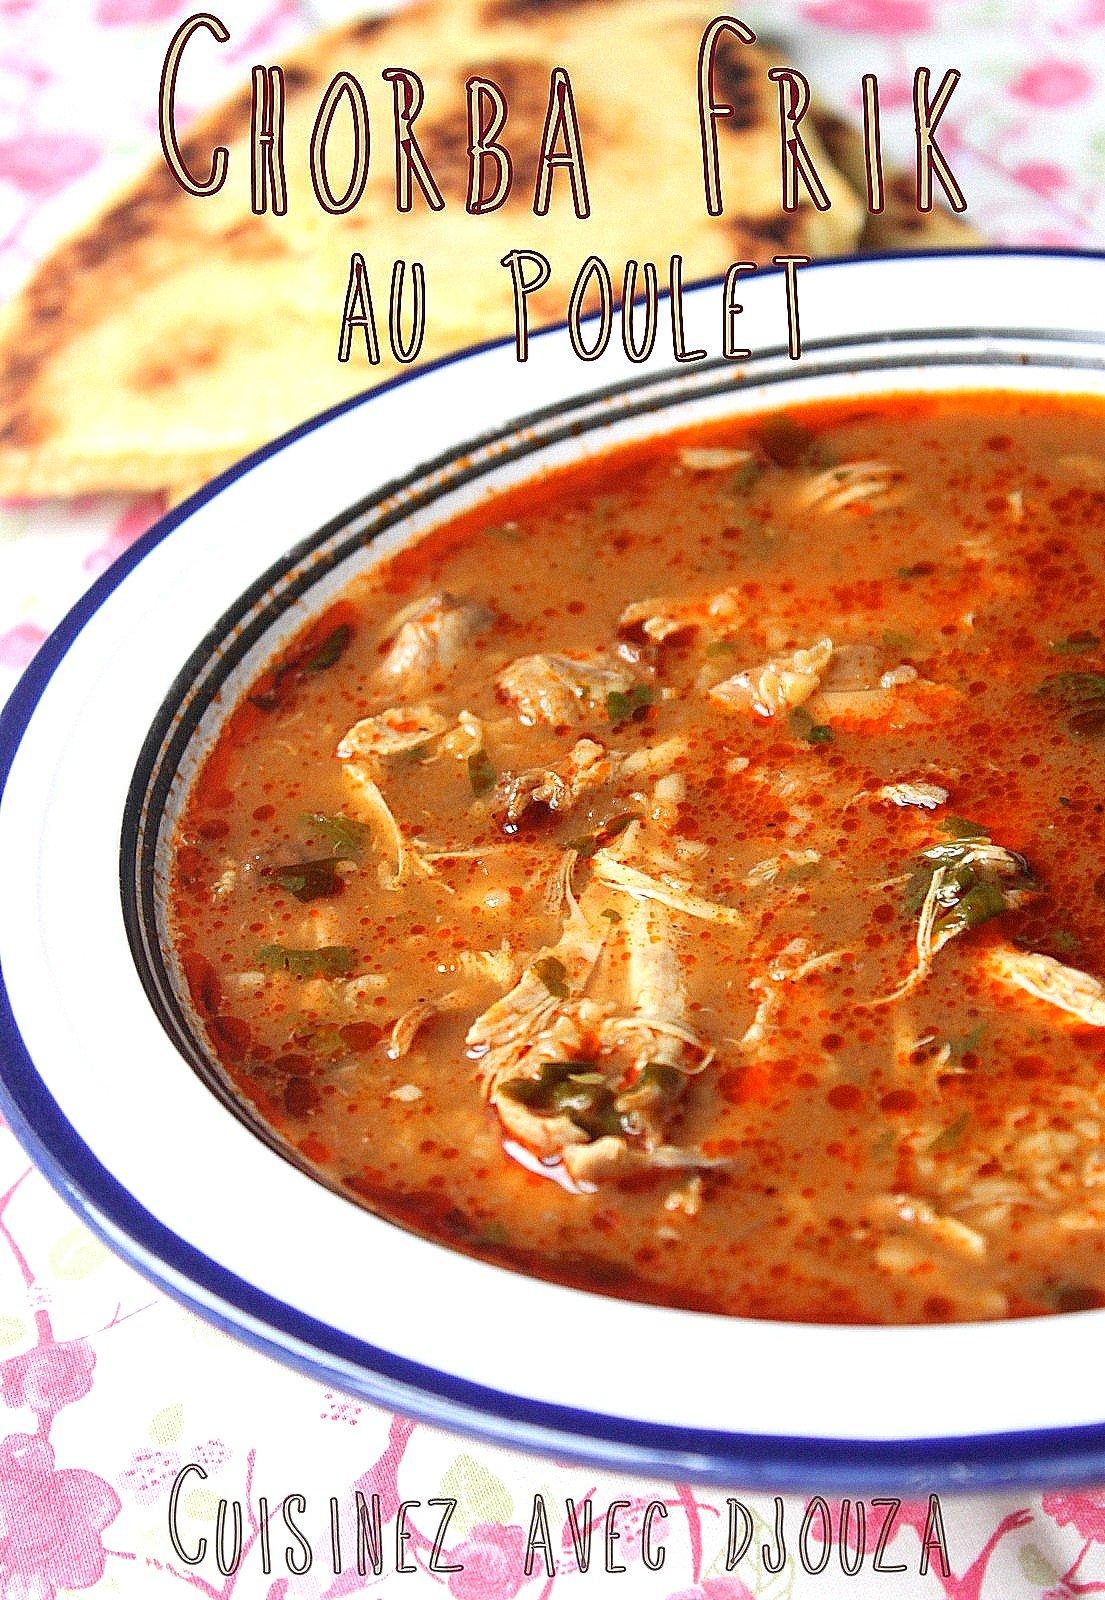 Chorba recette de soupe alg rienne recettes faciles recettes rapides de djouza - Recette de cuisine algerienne facile ...